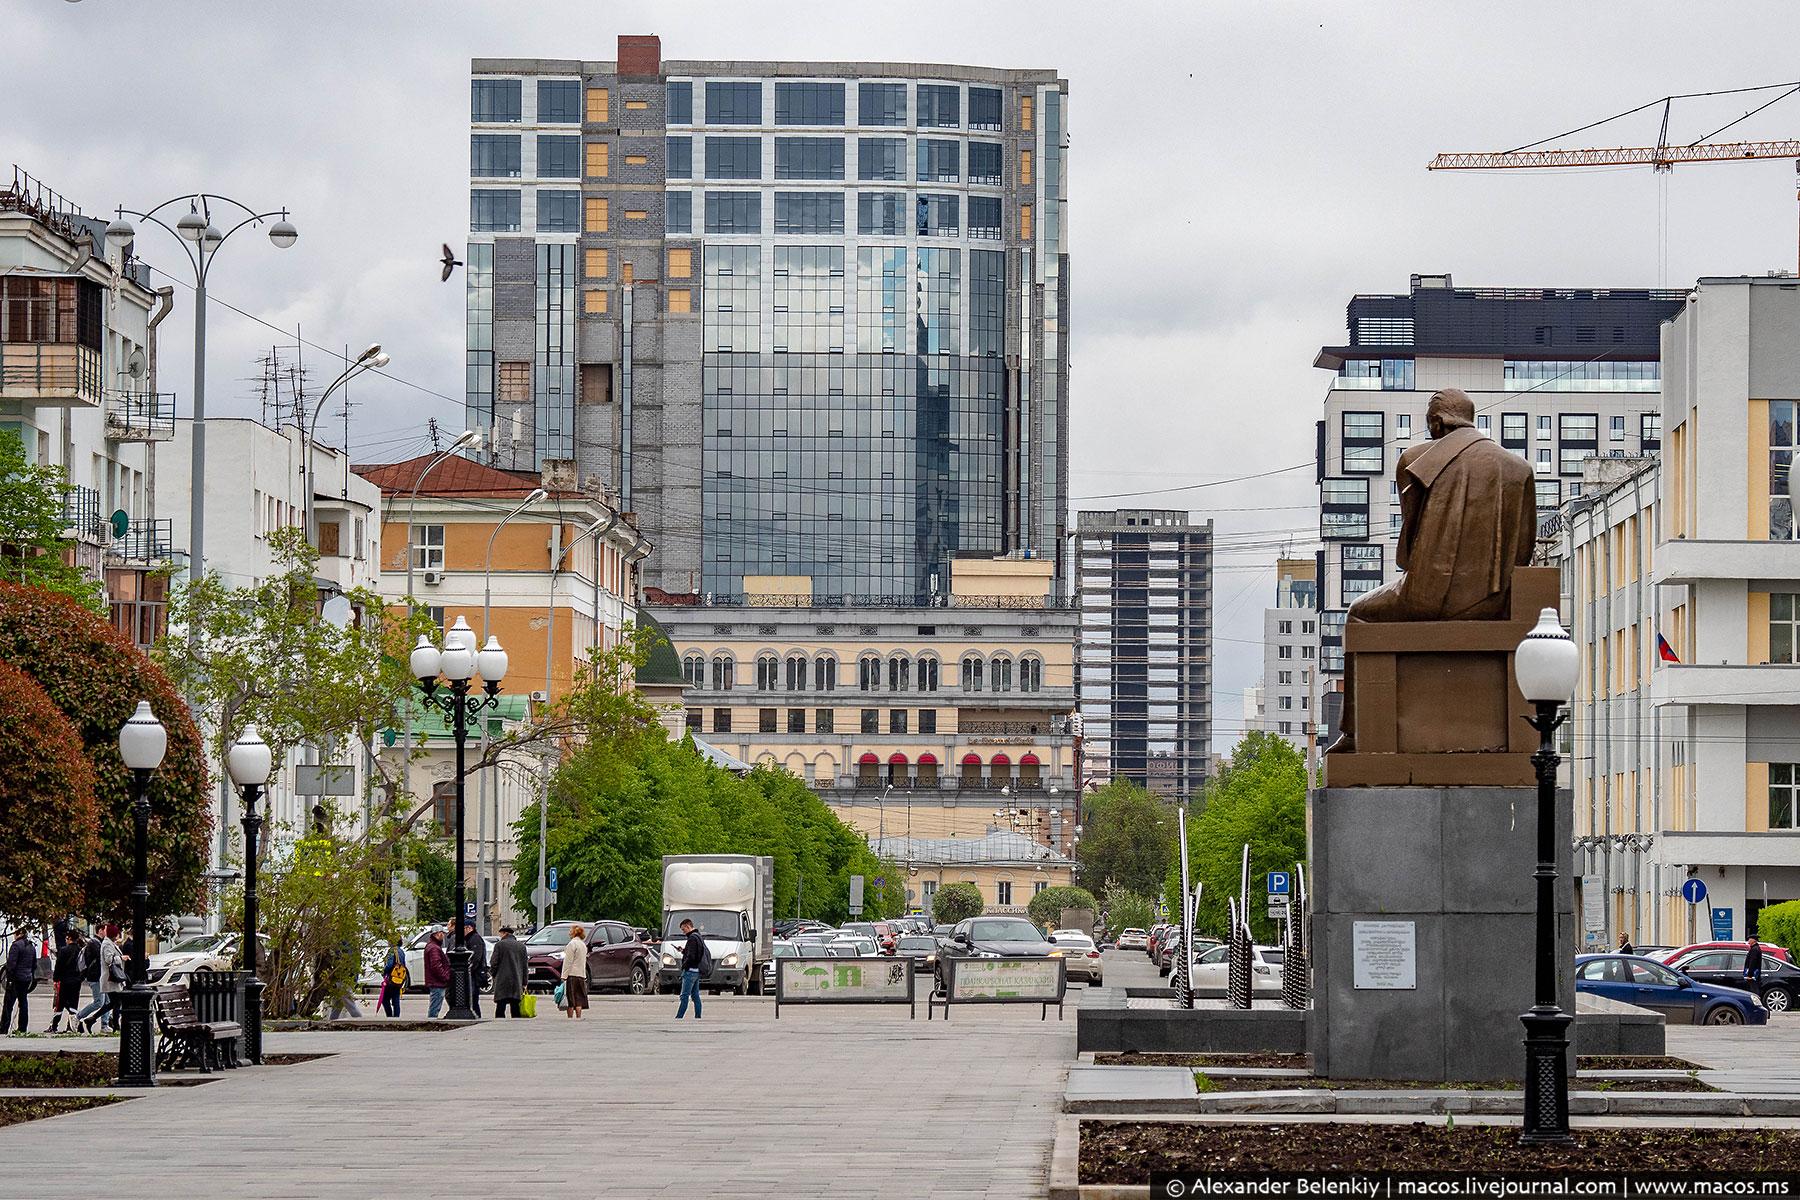 Прогулка по Екатеринбургу: от Драмы до Храма